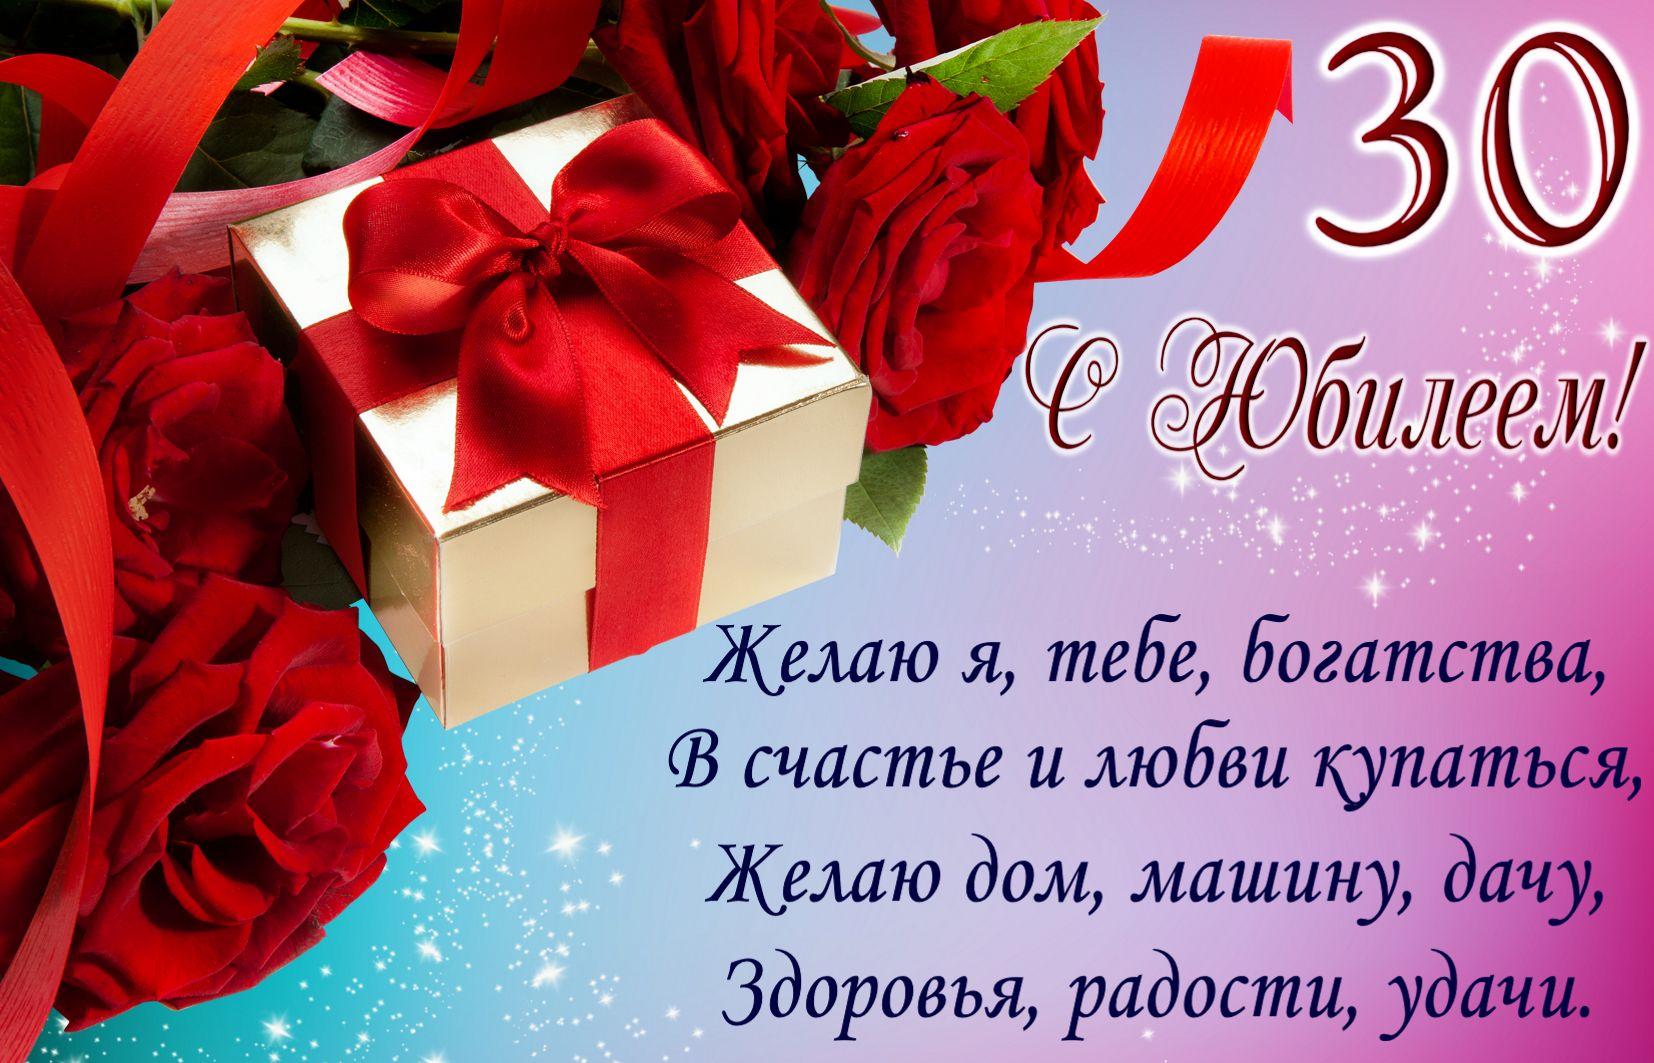 Открытка с подарком и пожеланием - на юбилей 30 лет